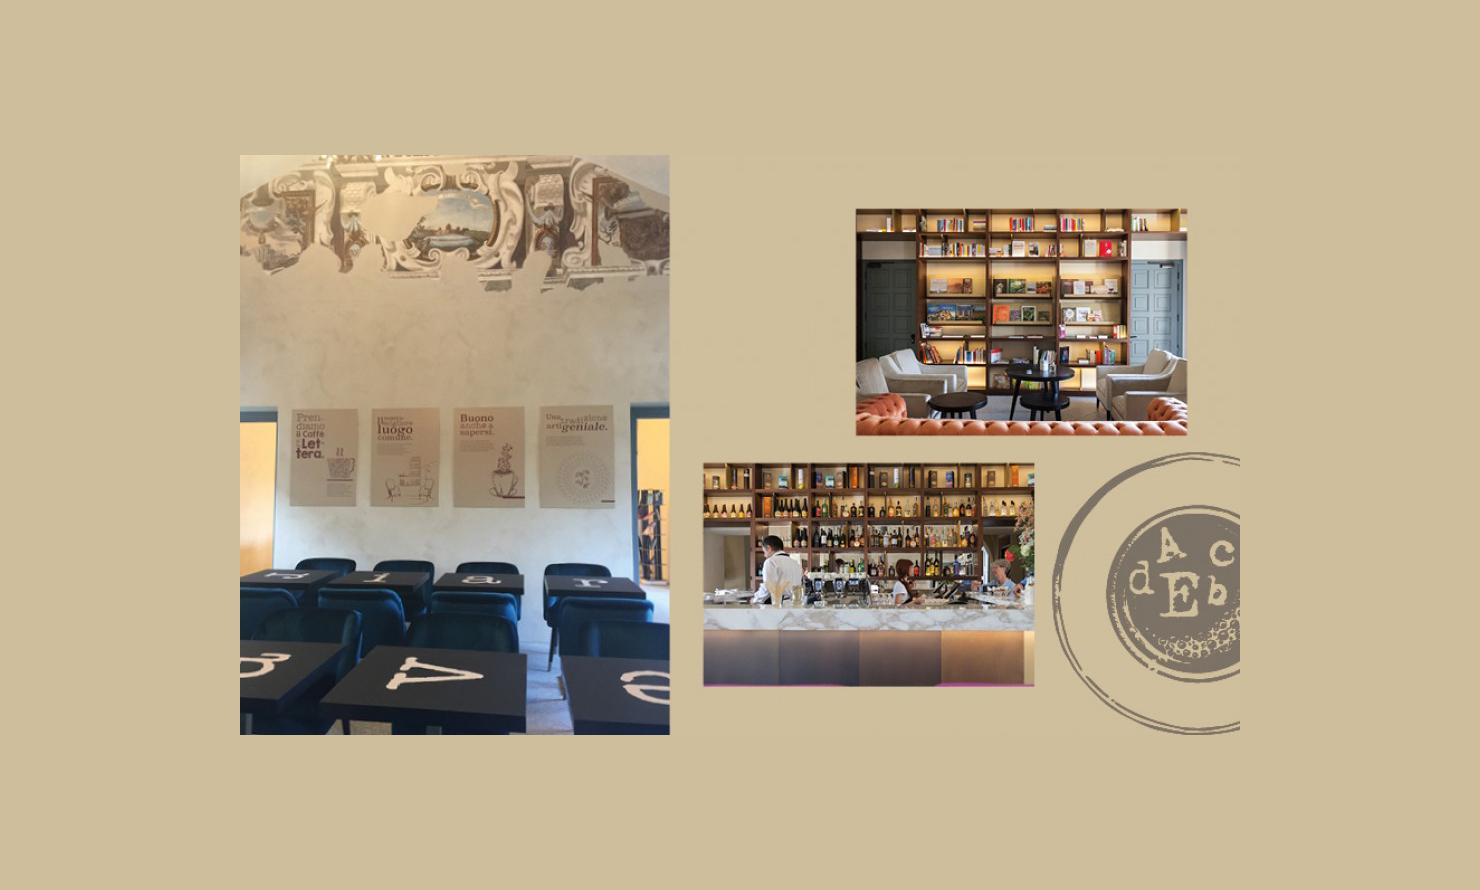 https://kubelibre.com/uploads/Slider-work-tutti-clienti/manital-vistaterra-caffè-alla-lettera-la-caffetteria-di-vistaterra-5.jpg